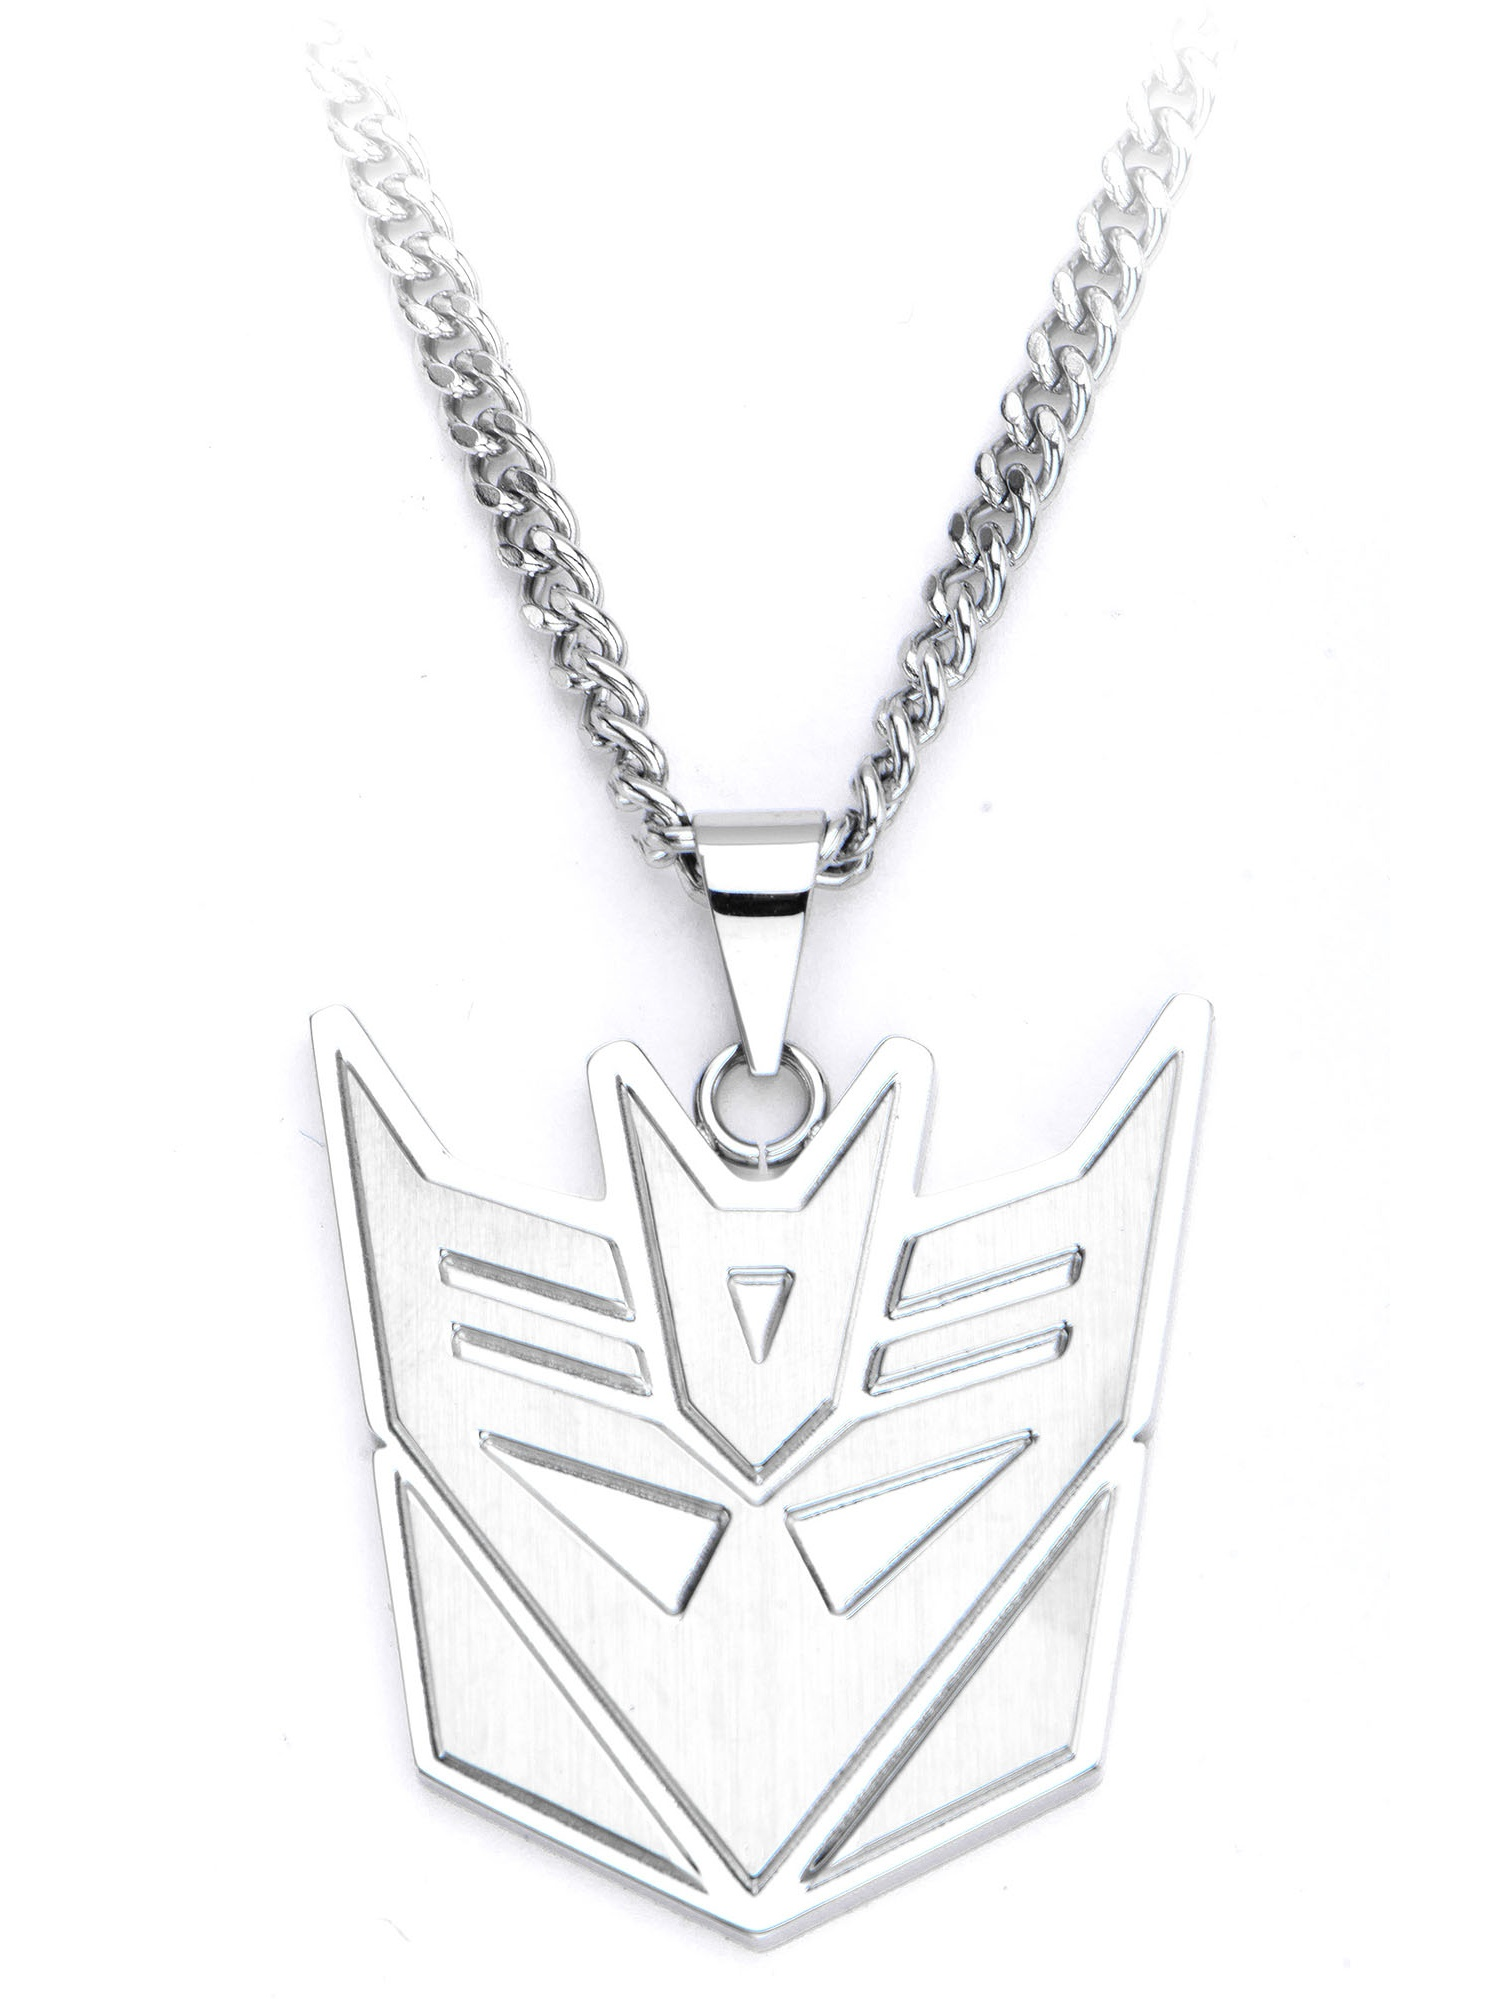 Hasbro Transformers Decepticon Steel Pendant with Chain